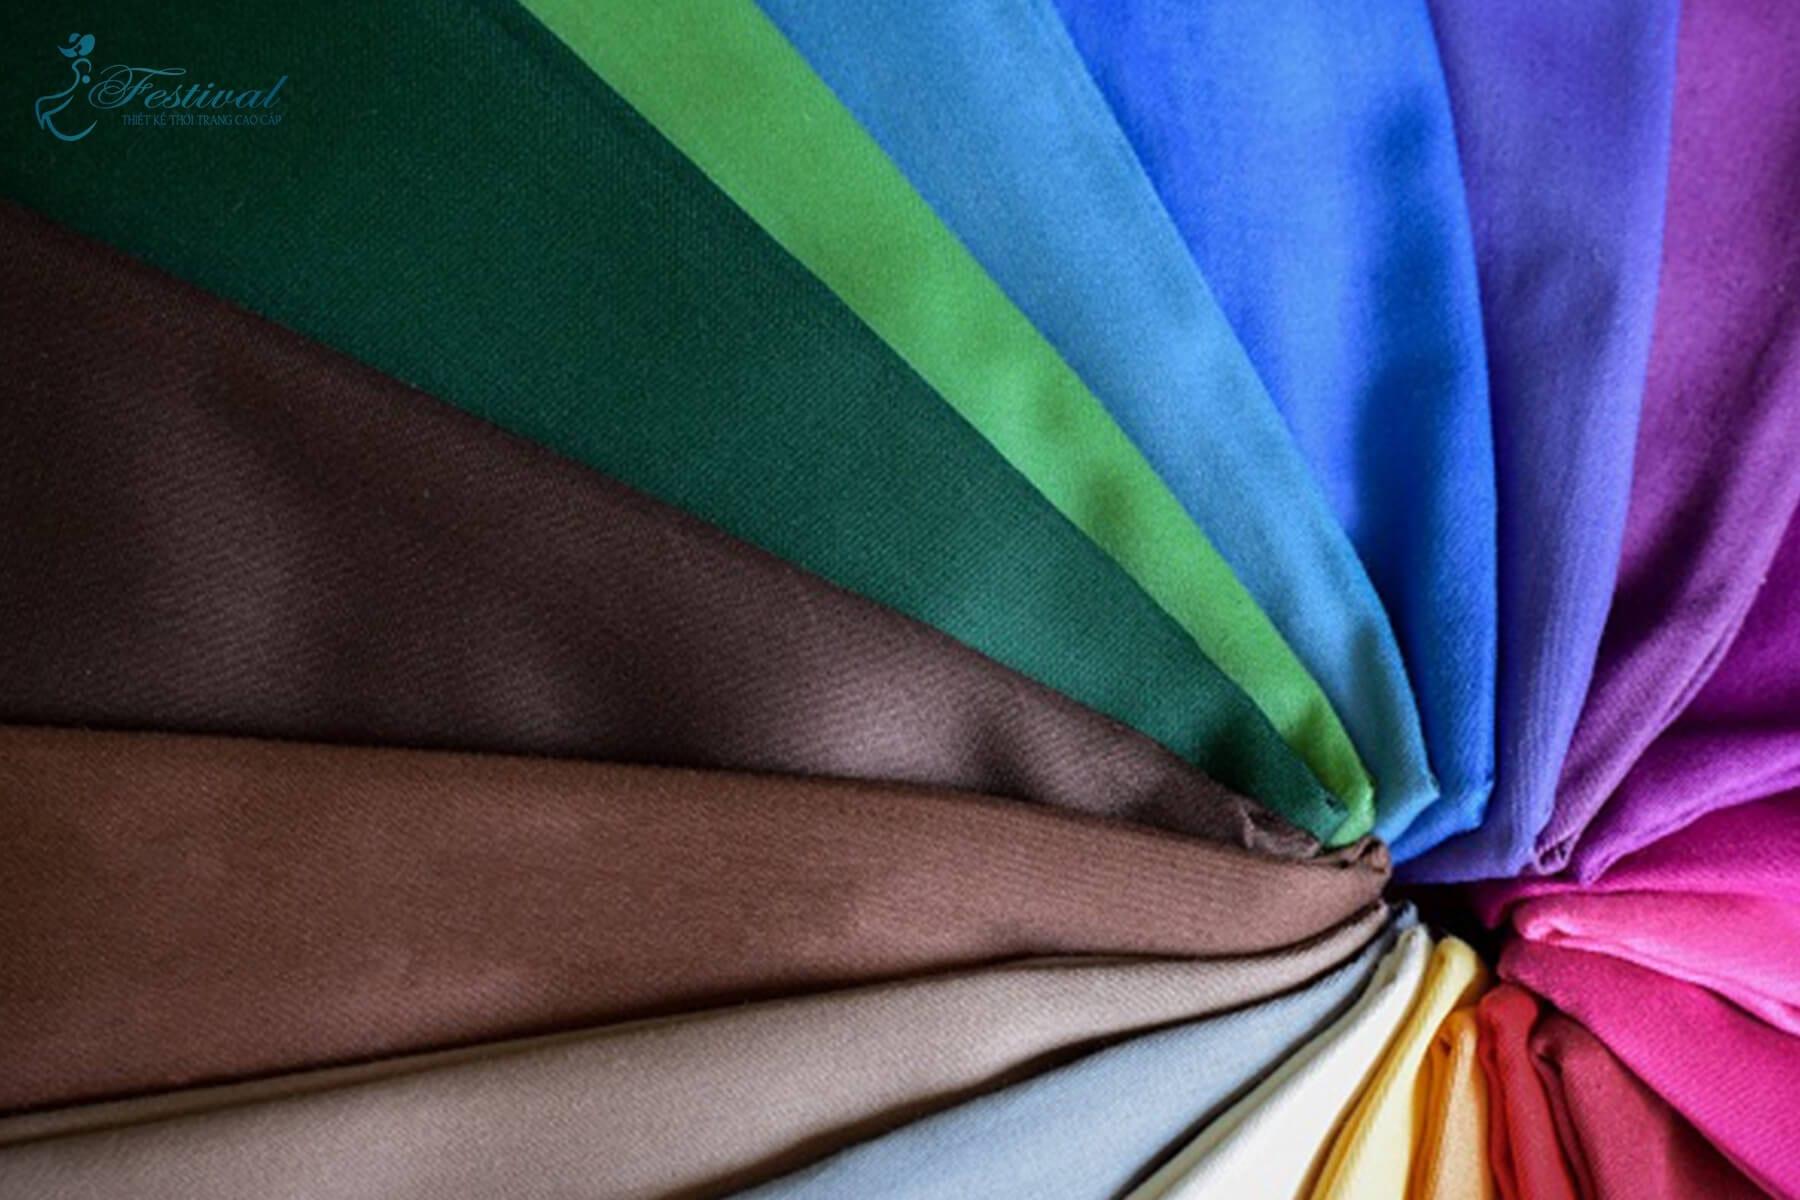 Cotton satin - Vải cotton là gì? Hiểu rõ hơn về các loại vải cotton